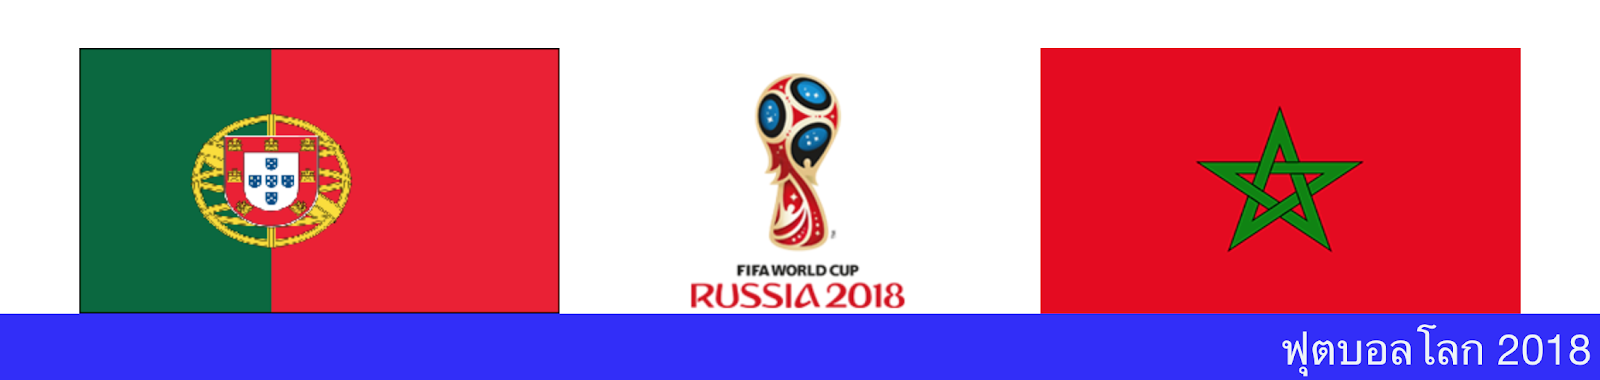 แทงบอล วิเคราะห์บอล ฟุตบอลโลก 2018 ทีมชาติโปรตุเกส vs ทีมชาติโมร็อกโก